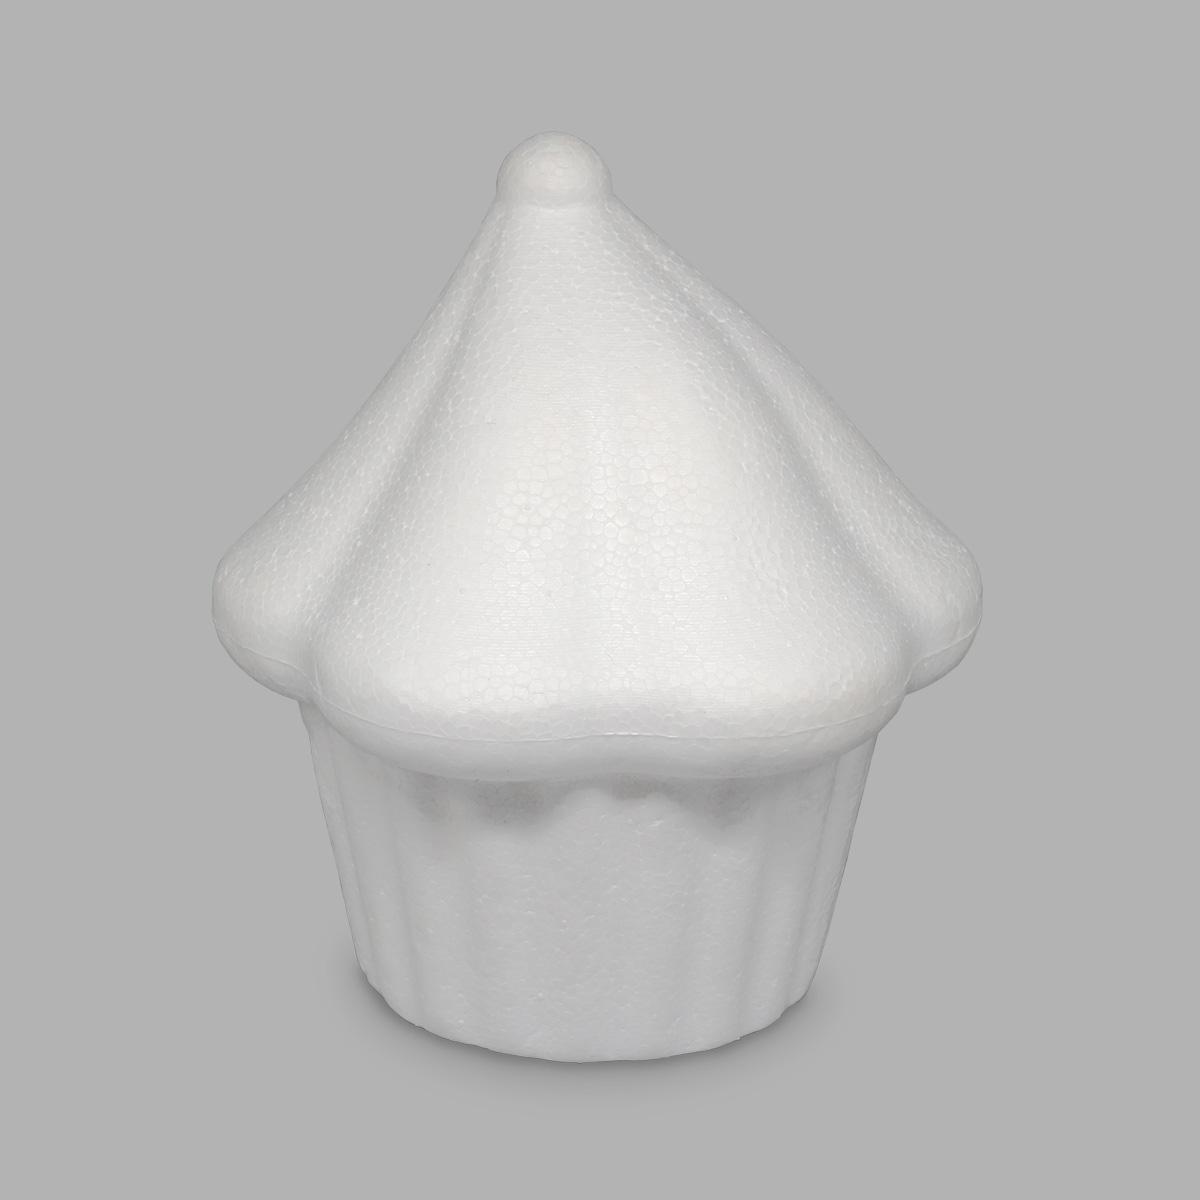 Заготовка для декорирования из пенопласта 'Кекс с безе', d 8 см, h 9 см, 1 шт/упак, Астра